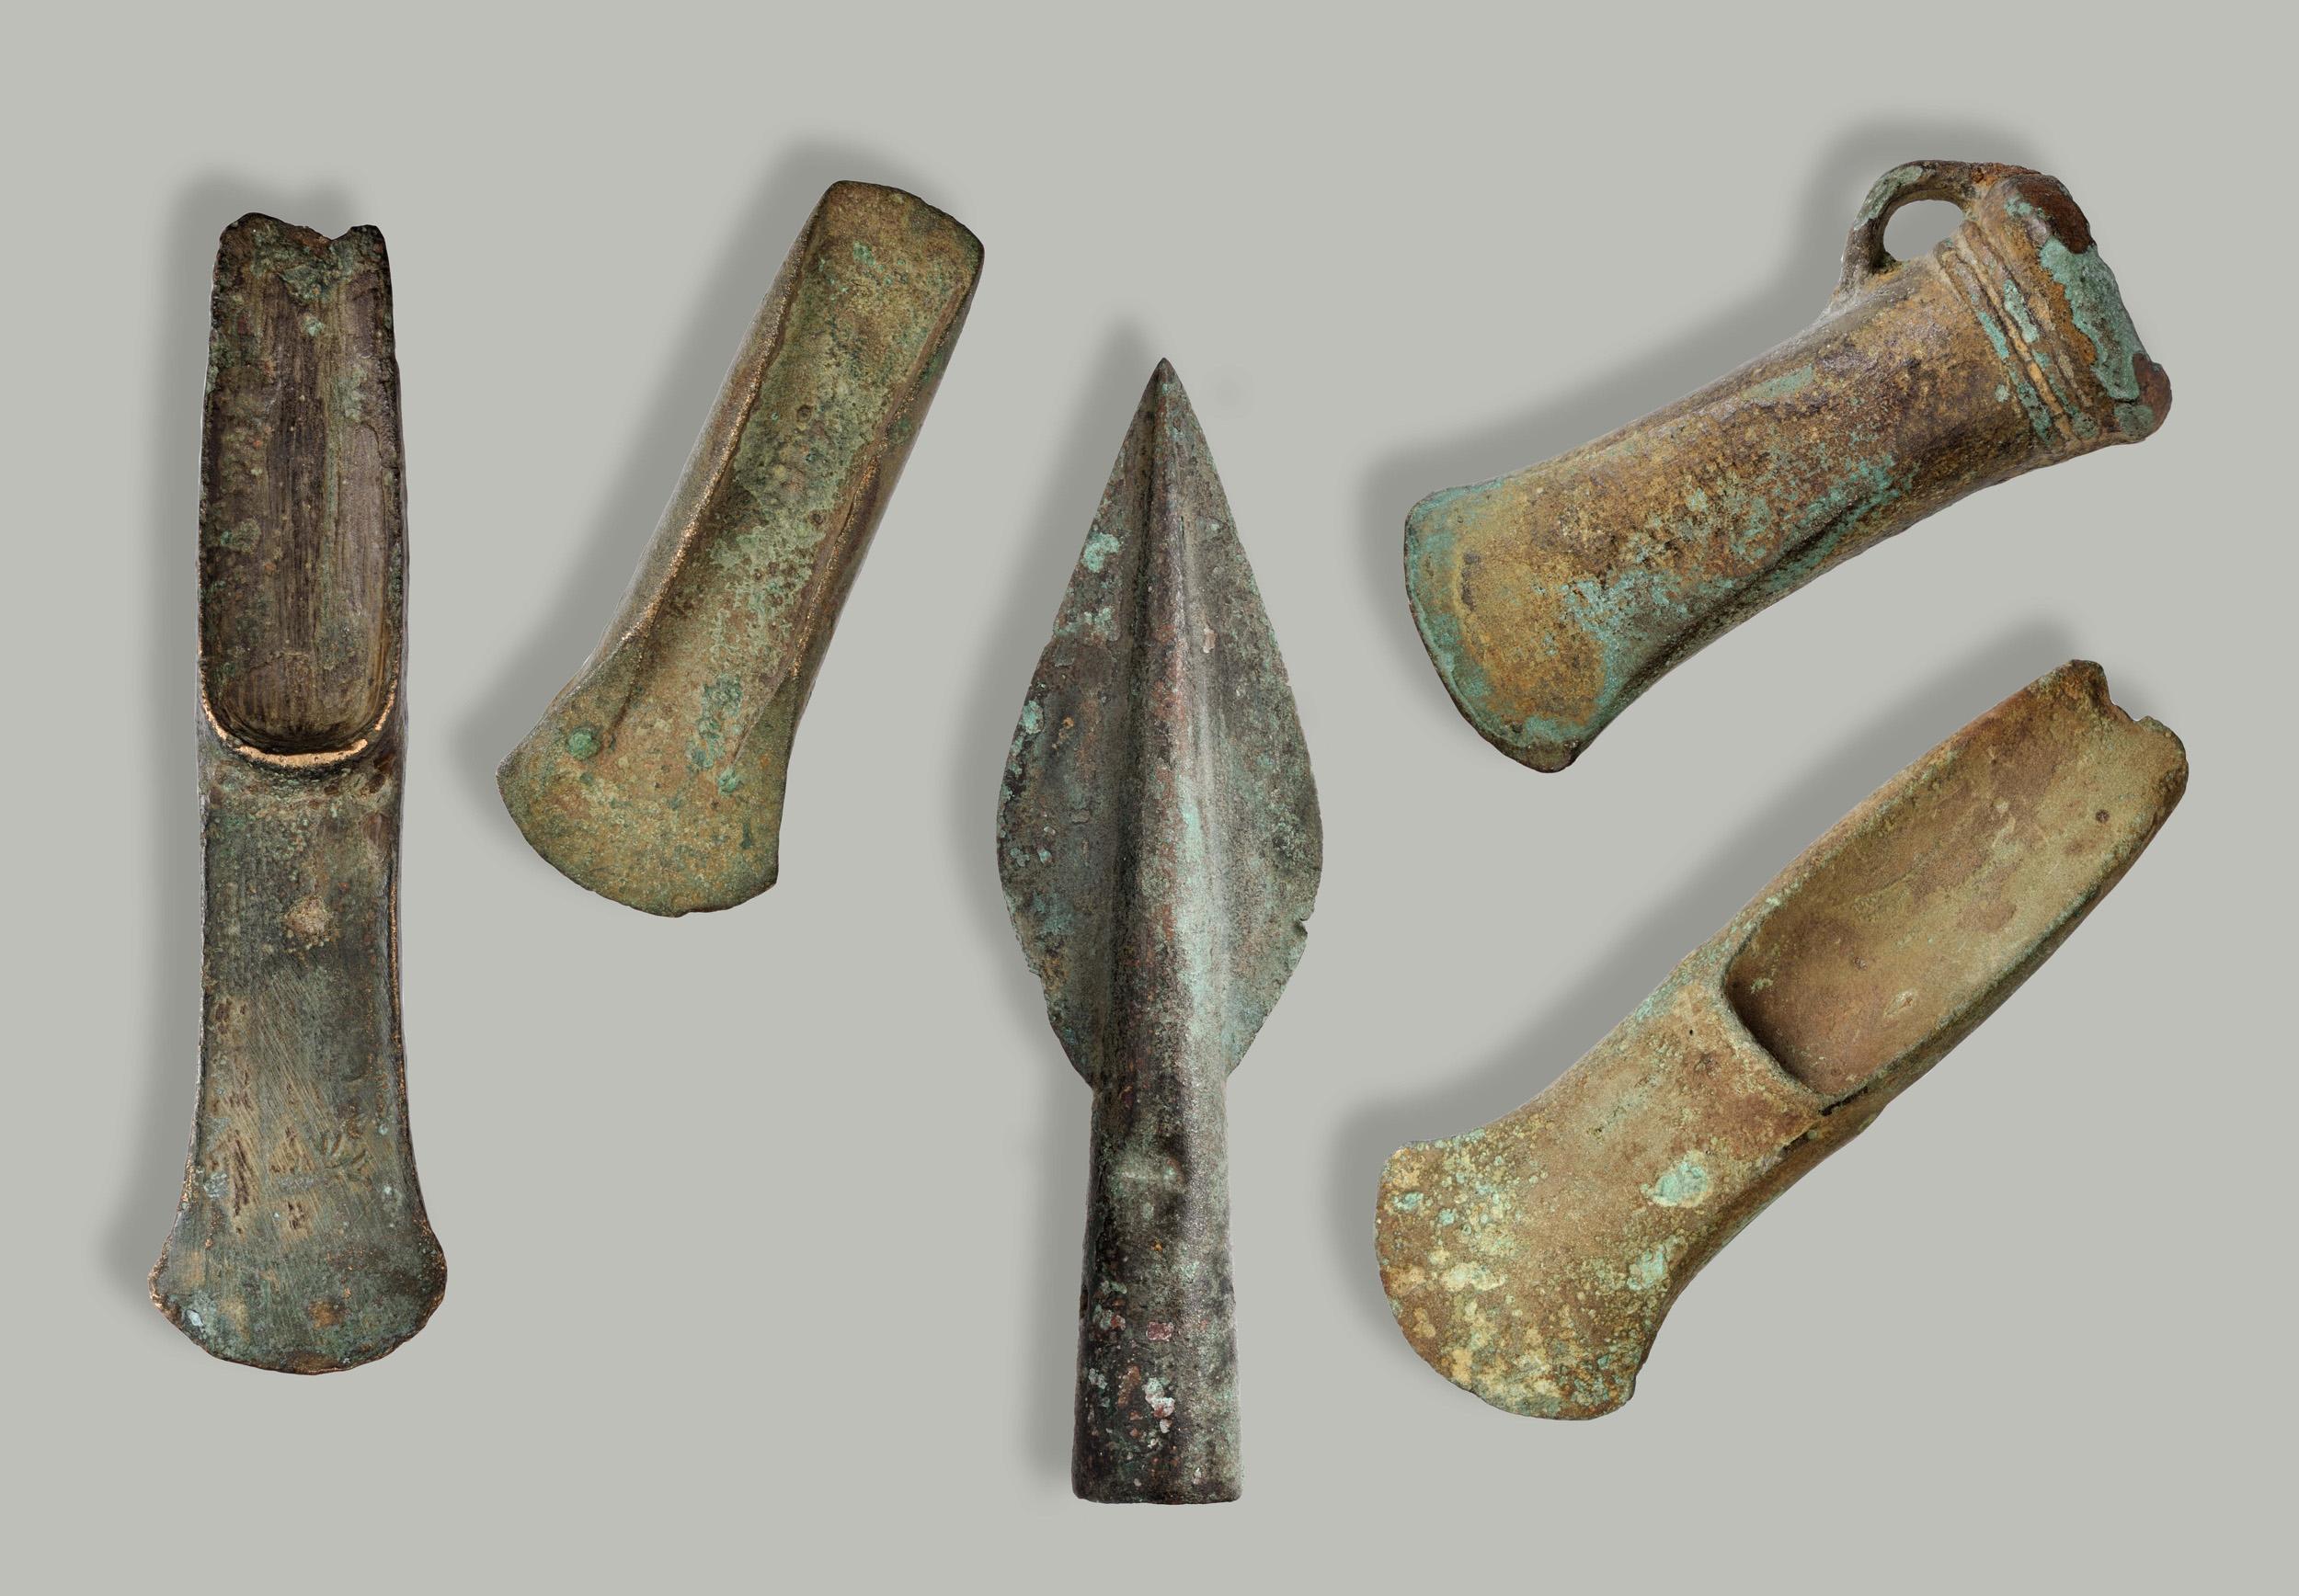 Verschillende bijltypen en een lanspunt, 2100-800 v.Chr., brons, collectie Drents Museum